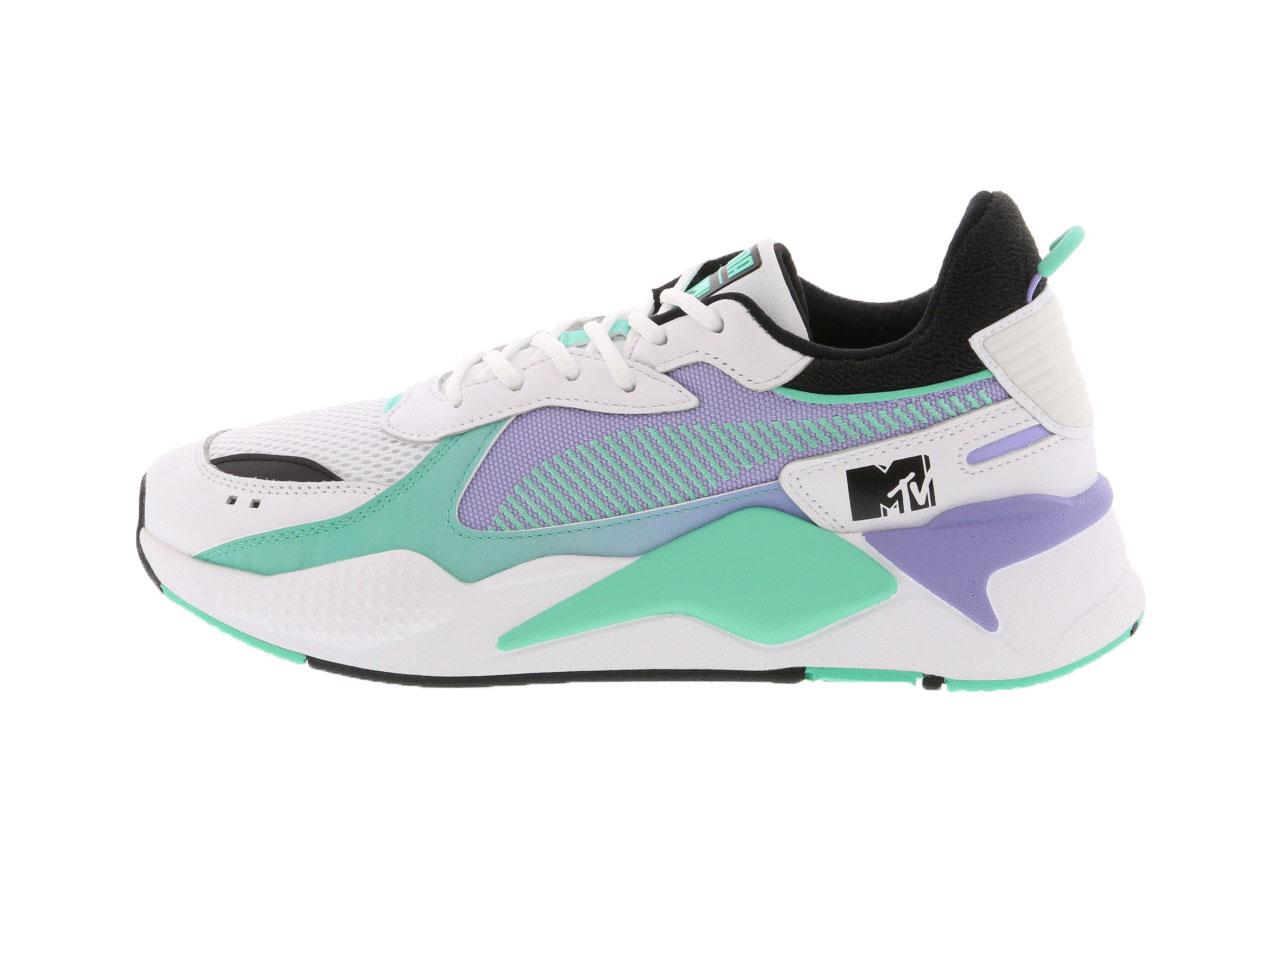 【全品ポイント10倍!期間限定★今すぐエントリー!(4/1~4/30)】【3/16発売】 PUMA RS-X TRACKS MTV(370407-01)【プーマ】【メンズファッション】【スニーカー】【シューズ】【靴】【フットウェア】